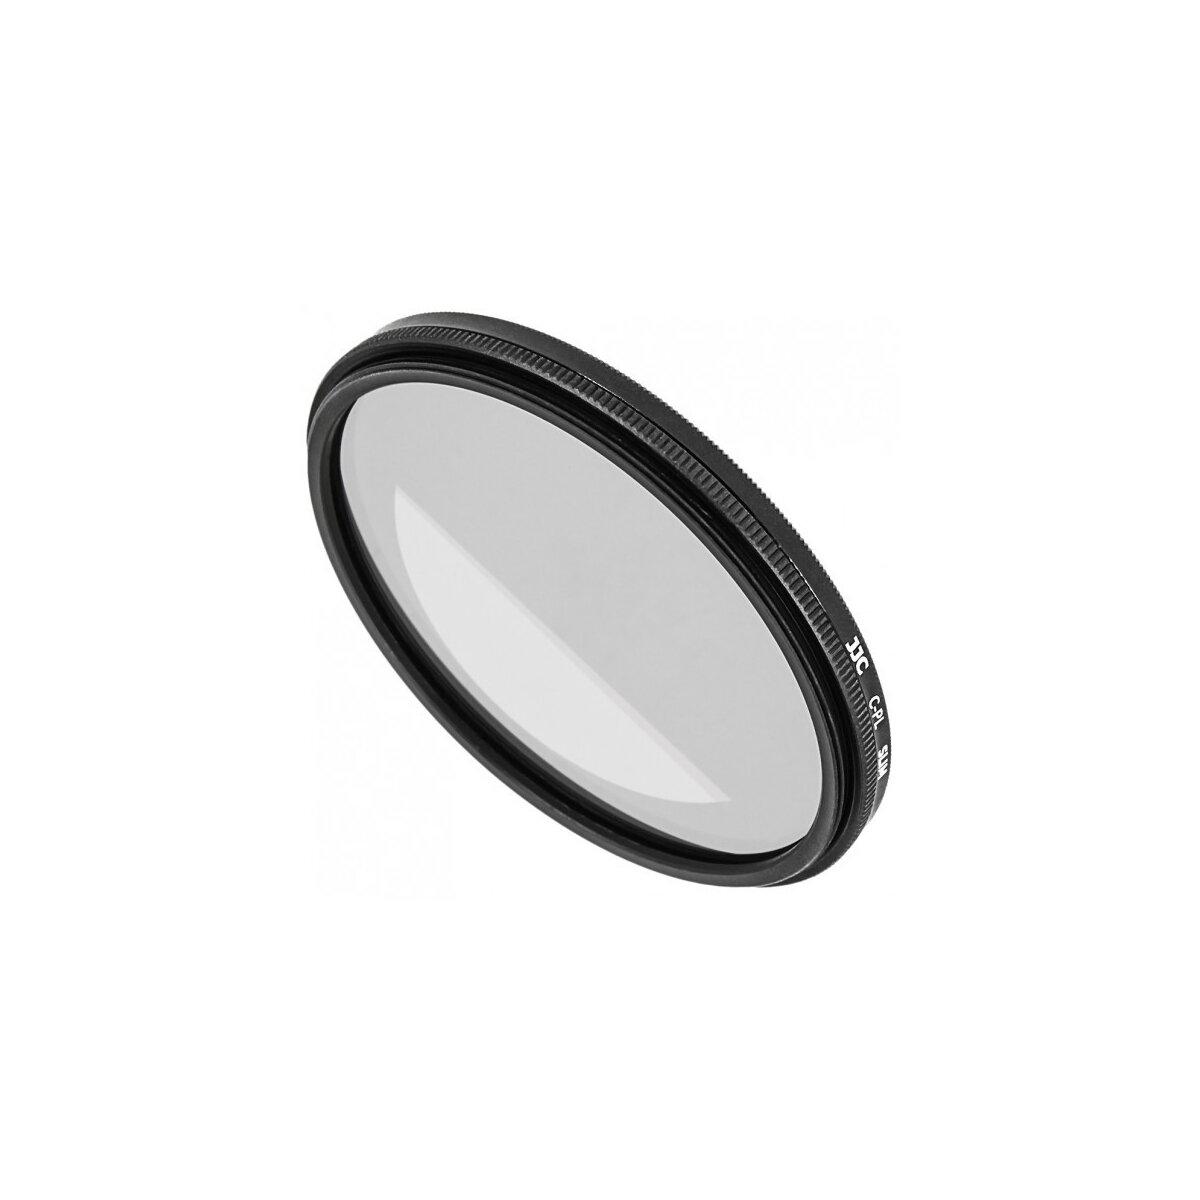 Ultra Flacher Zirkular CPL Polfilter fuer Objektive mit 52 mm Filtergewinde - fuer kontrastreiche Bilder mit gesaettigten Farben